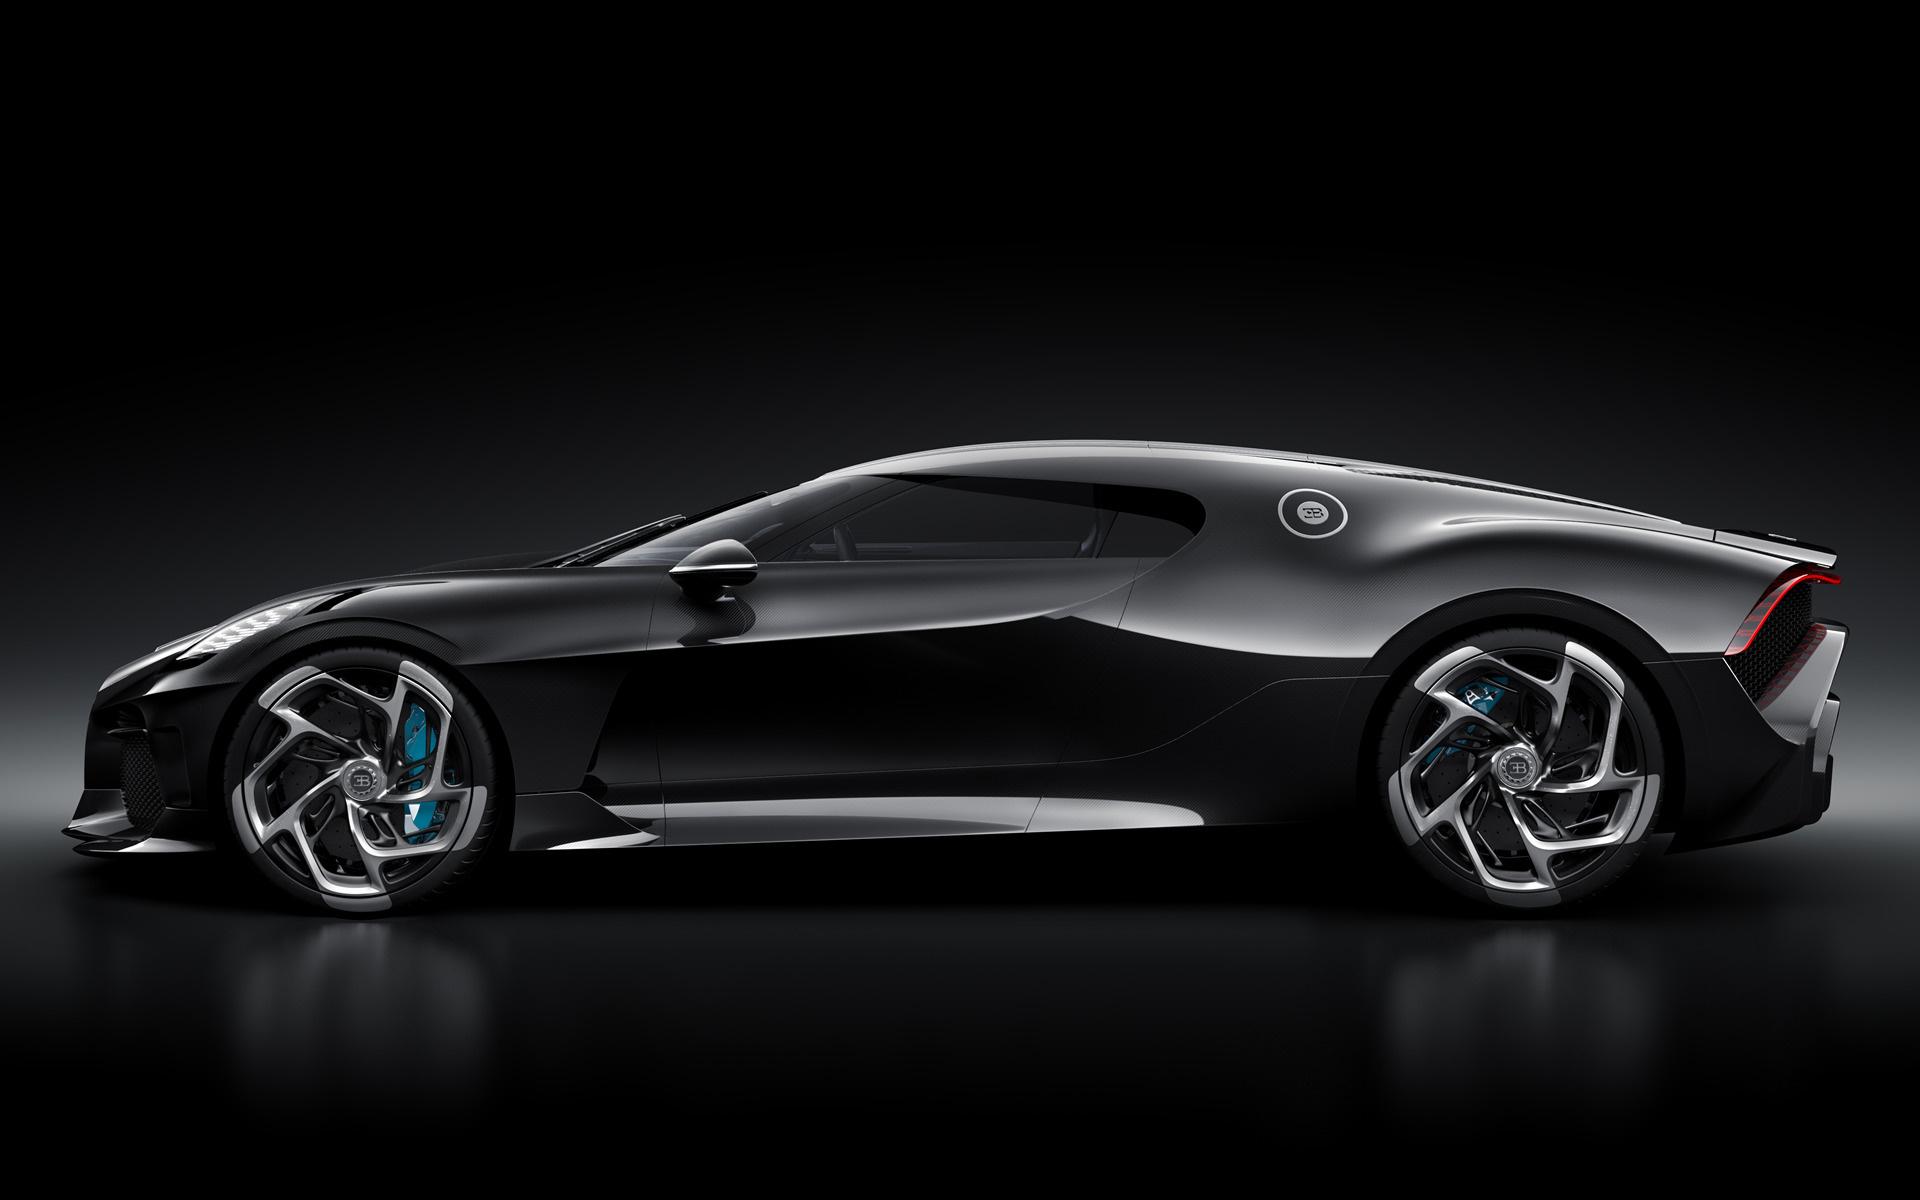 2019 Bugatti La Voiture Noire Fondos De Pantalla E